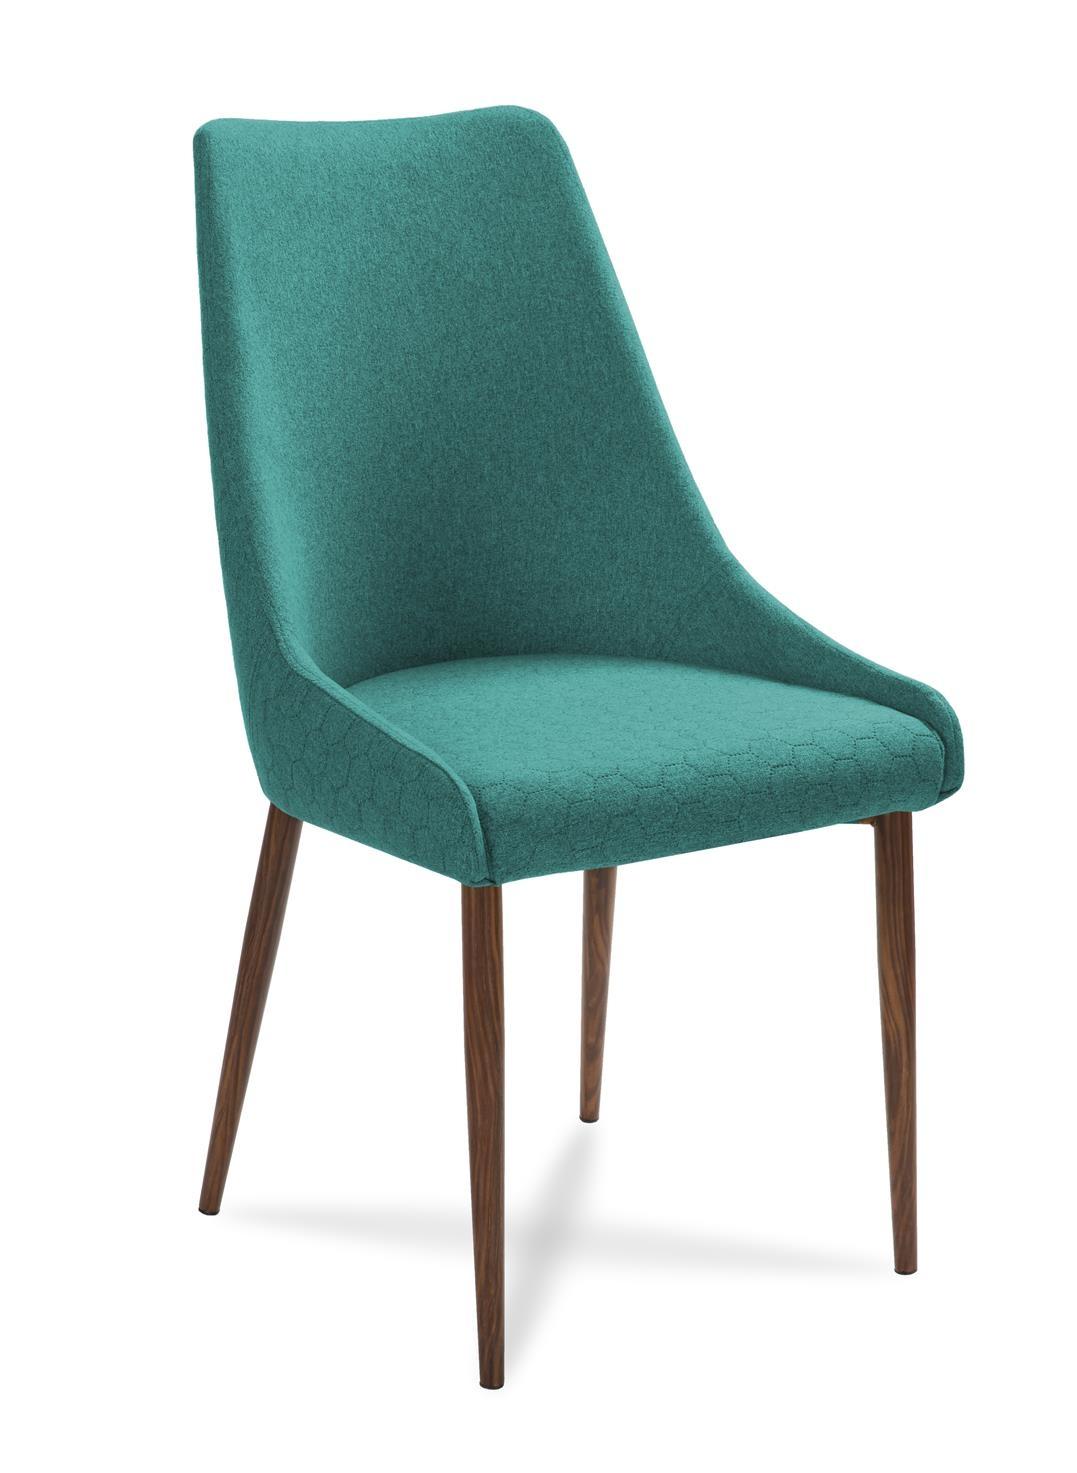 Scaun tapitat cu stofa, cu picioare din lemn Olivier Turquoise / Walnut, l48xA55xH99 cm